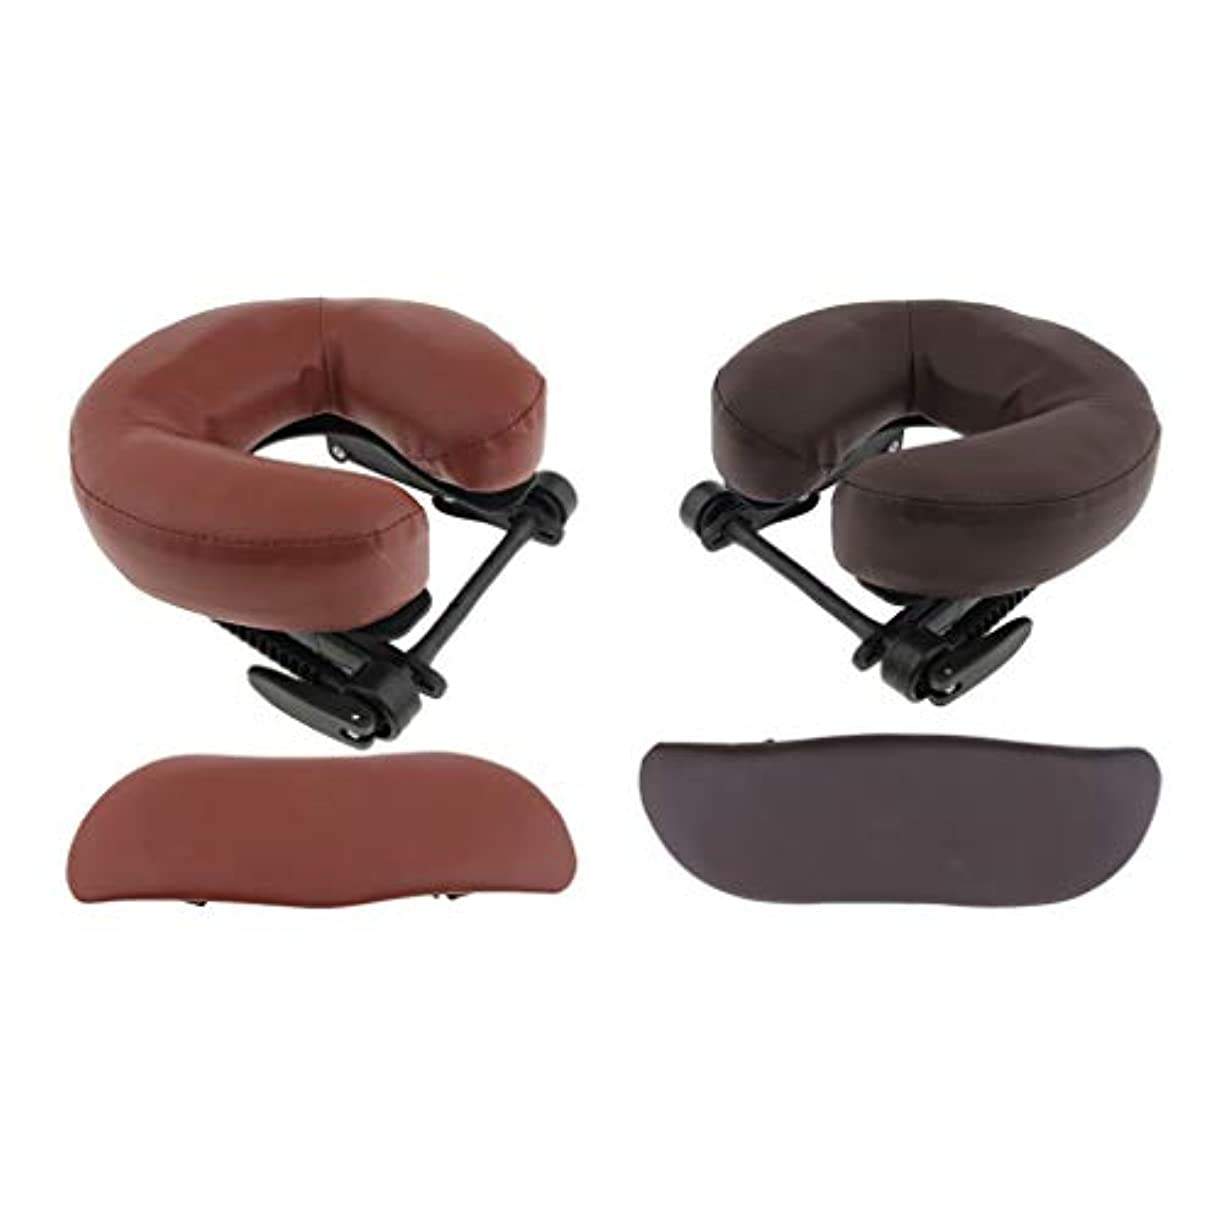 私たち自身中絶不毛のsharprepublic マッサージ テーブル 枕クッション U字型 完璧な アクセサリー 実用性